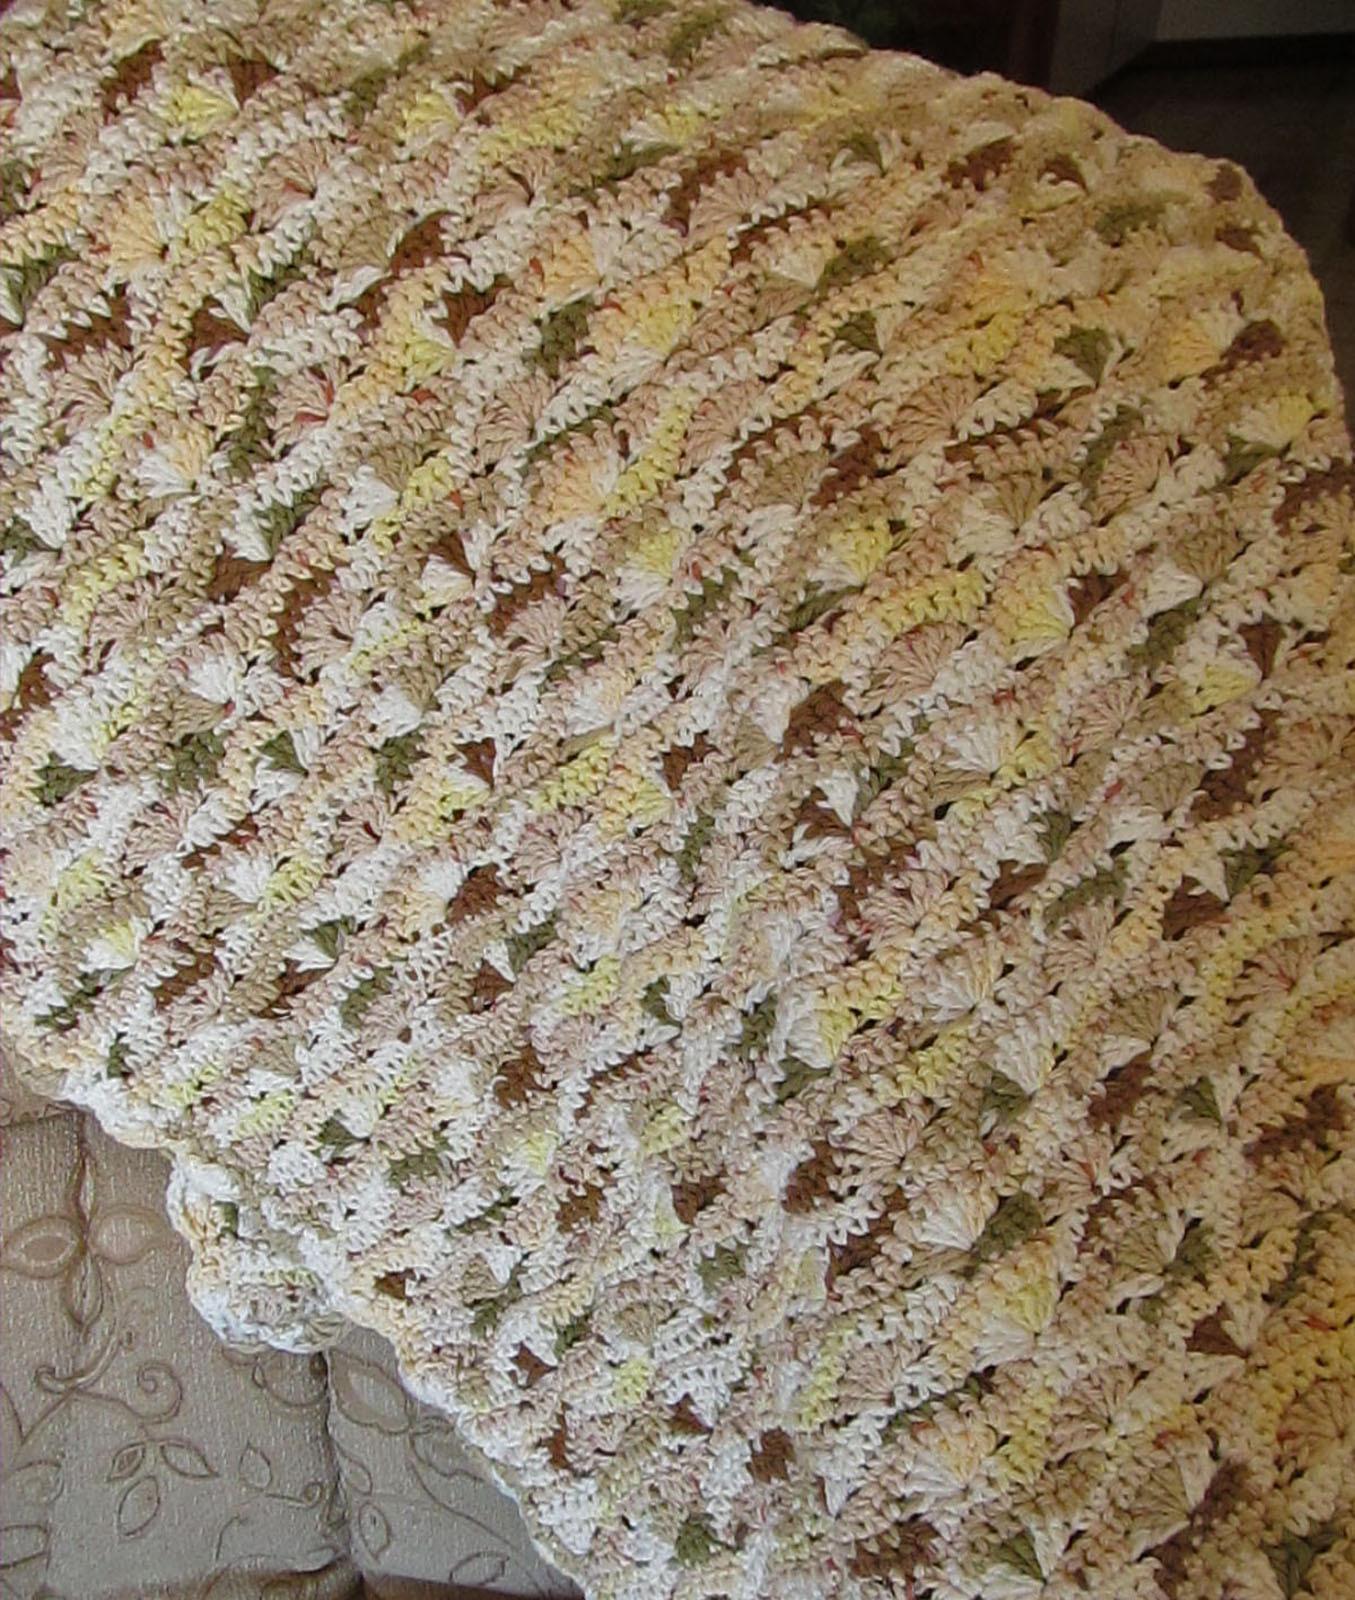 Crochet Cotton Baby Blanket, Beige Tones - Handmade